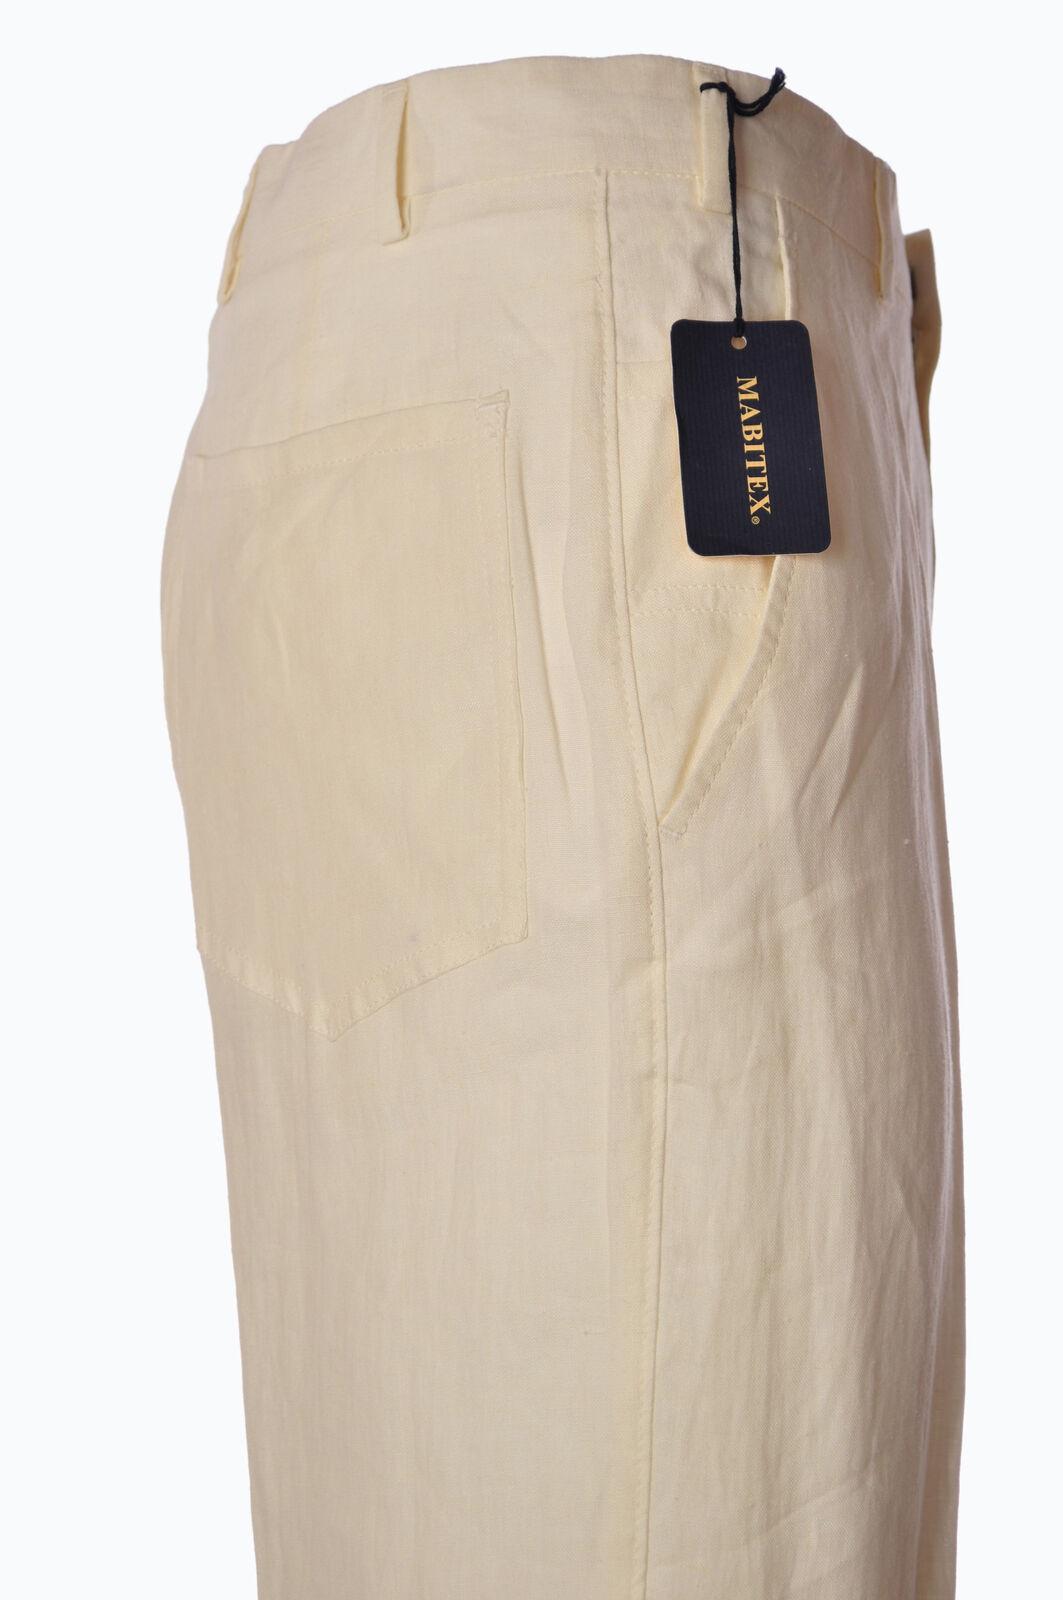 Mabitex  -  Pants - Male - White - 2924102A183833